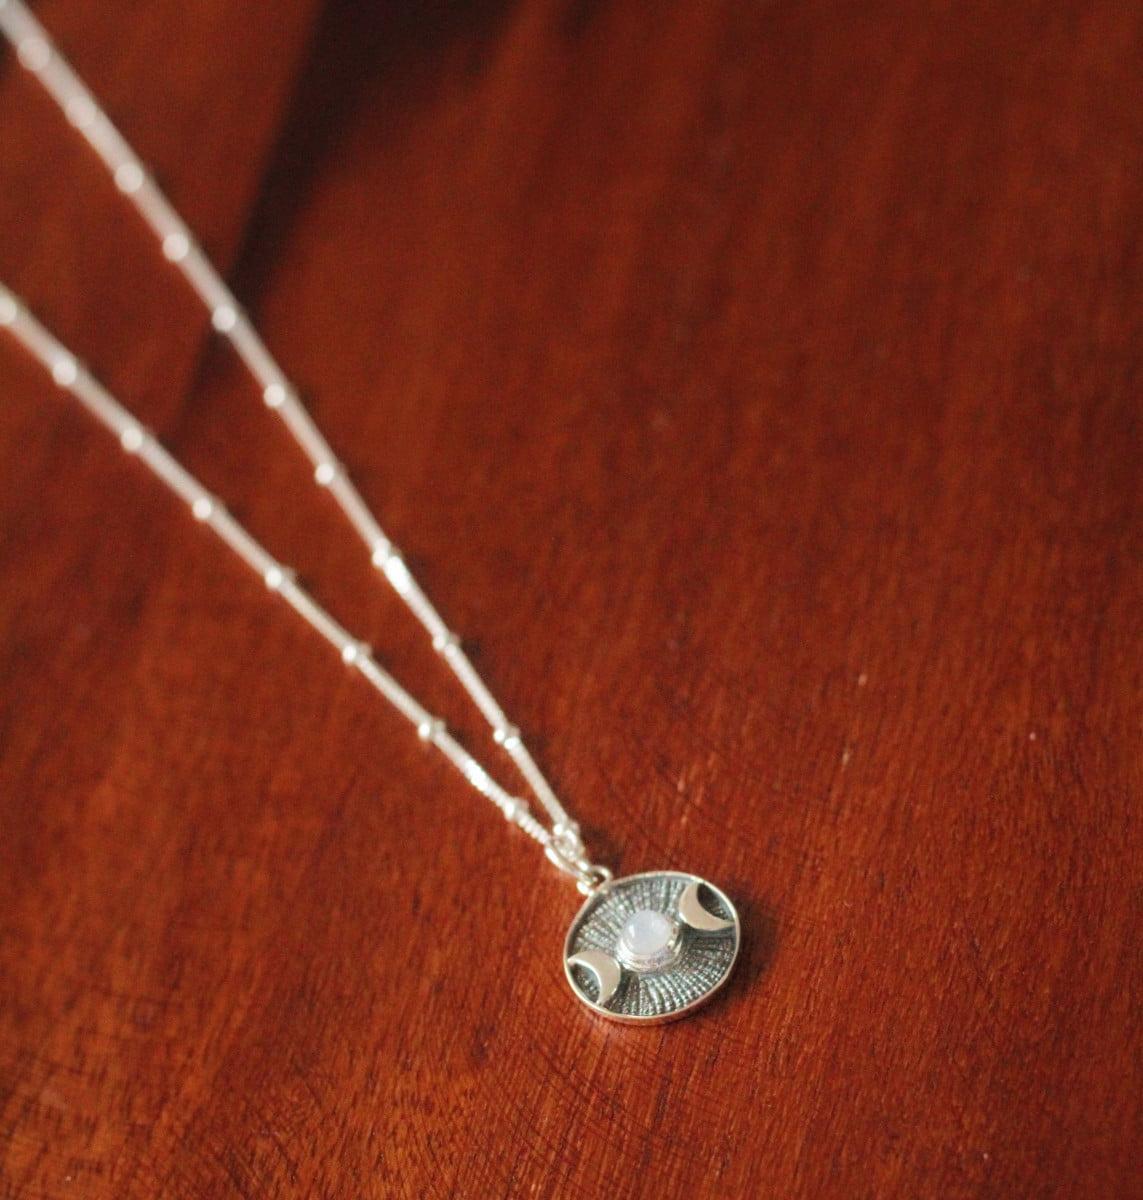 Boho Halskette 925 Silber Monde Medaillon Mondstein Witchy Schmuck Hippie Silberschmuck